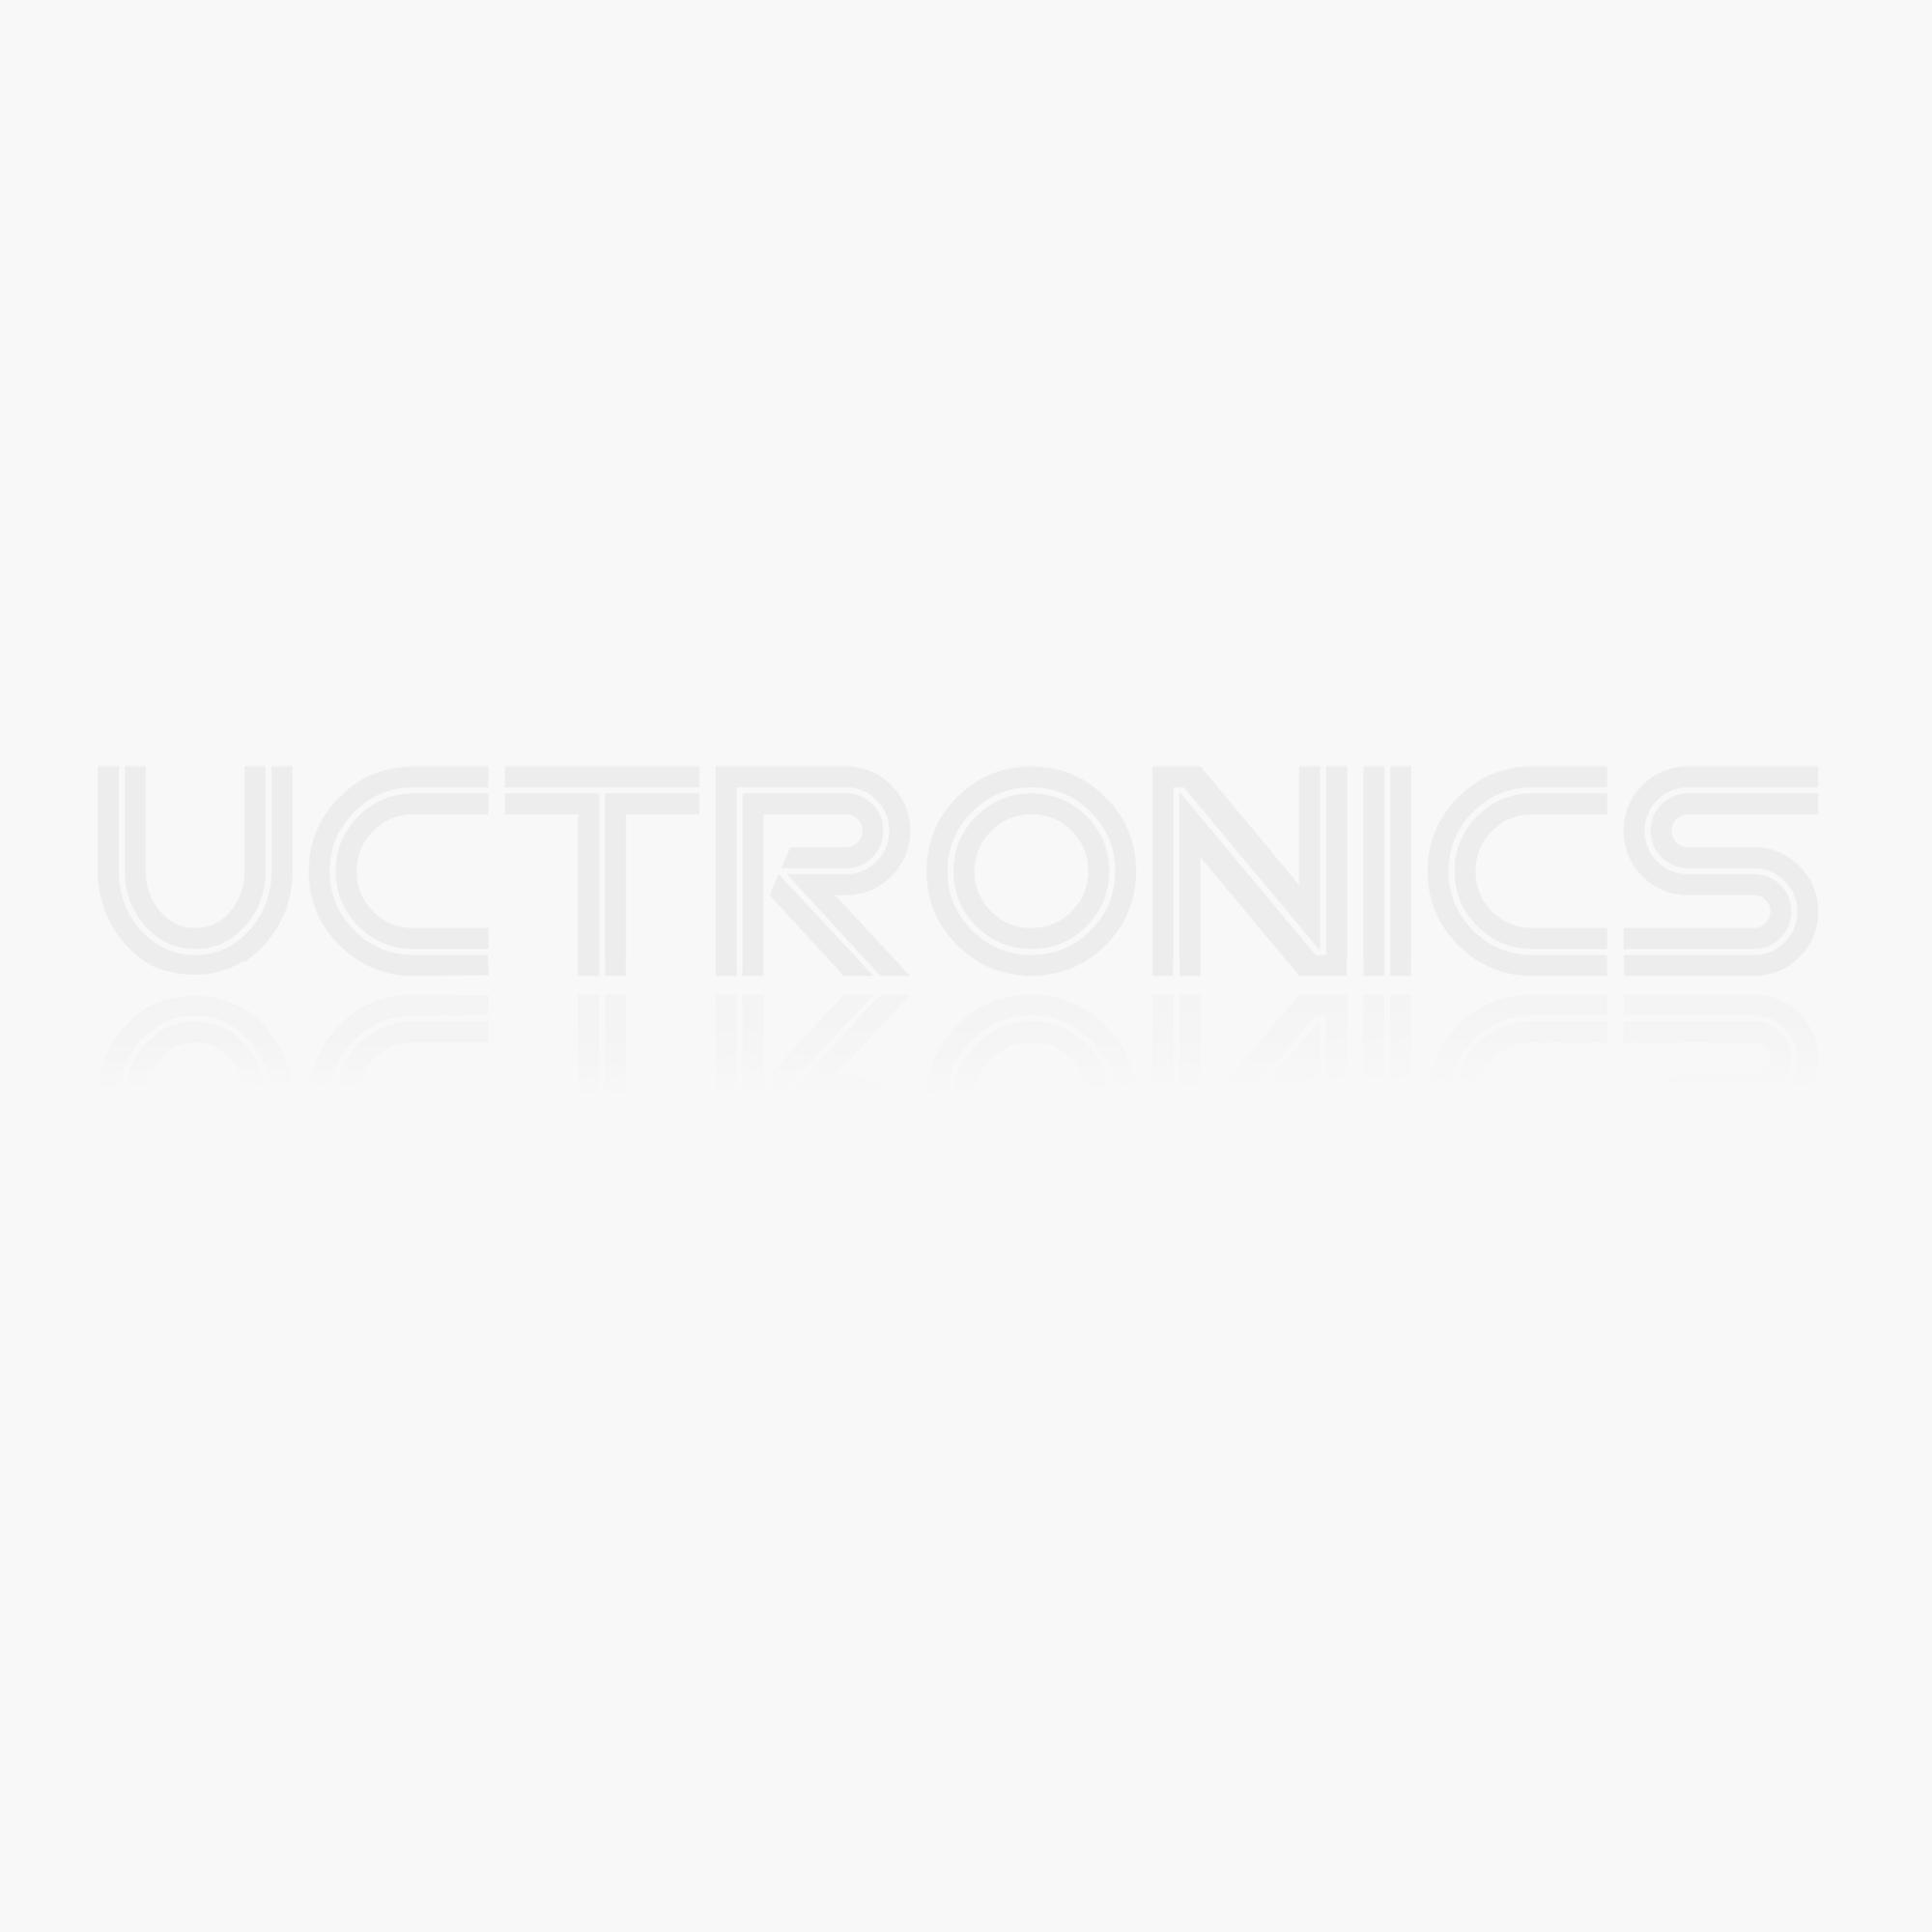 V56D Digital DC 2.5 to 30V Voltage Meter 0.56'' Blue LED Display Self-Powered